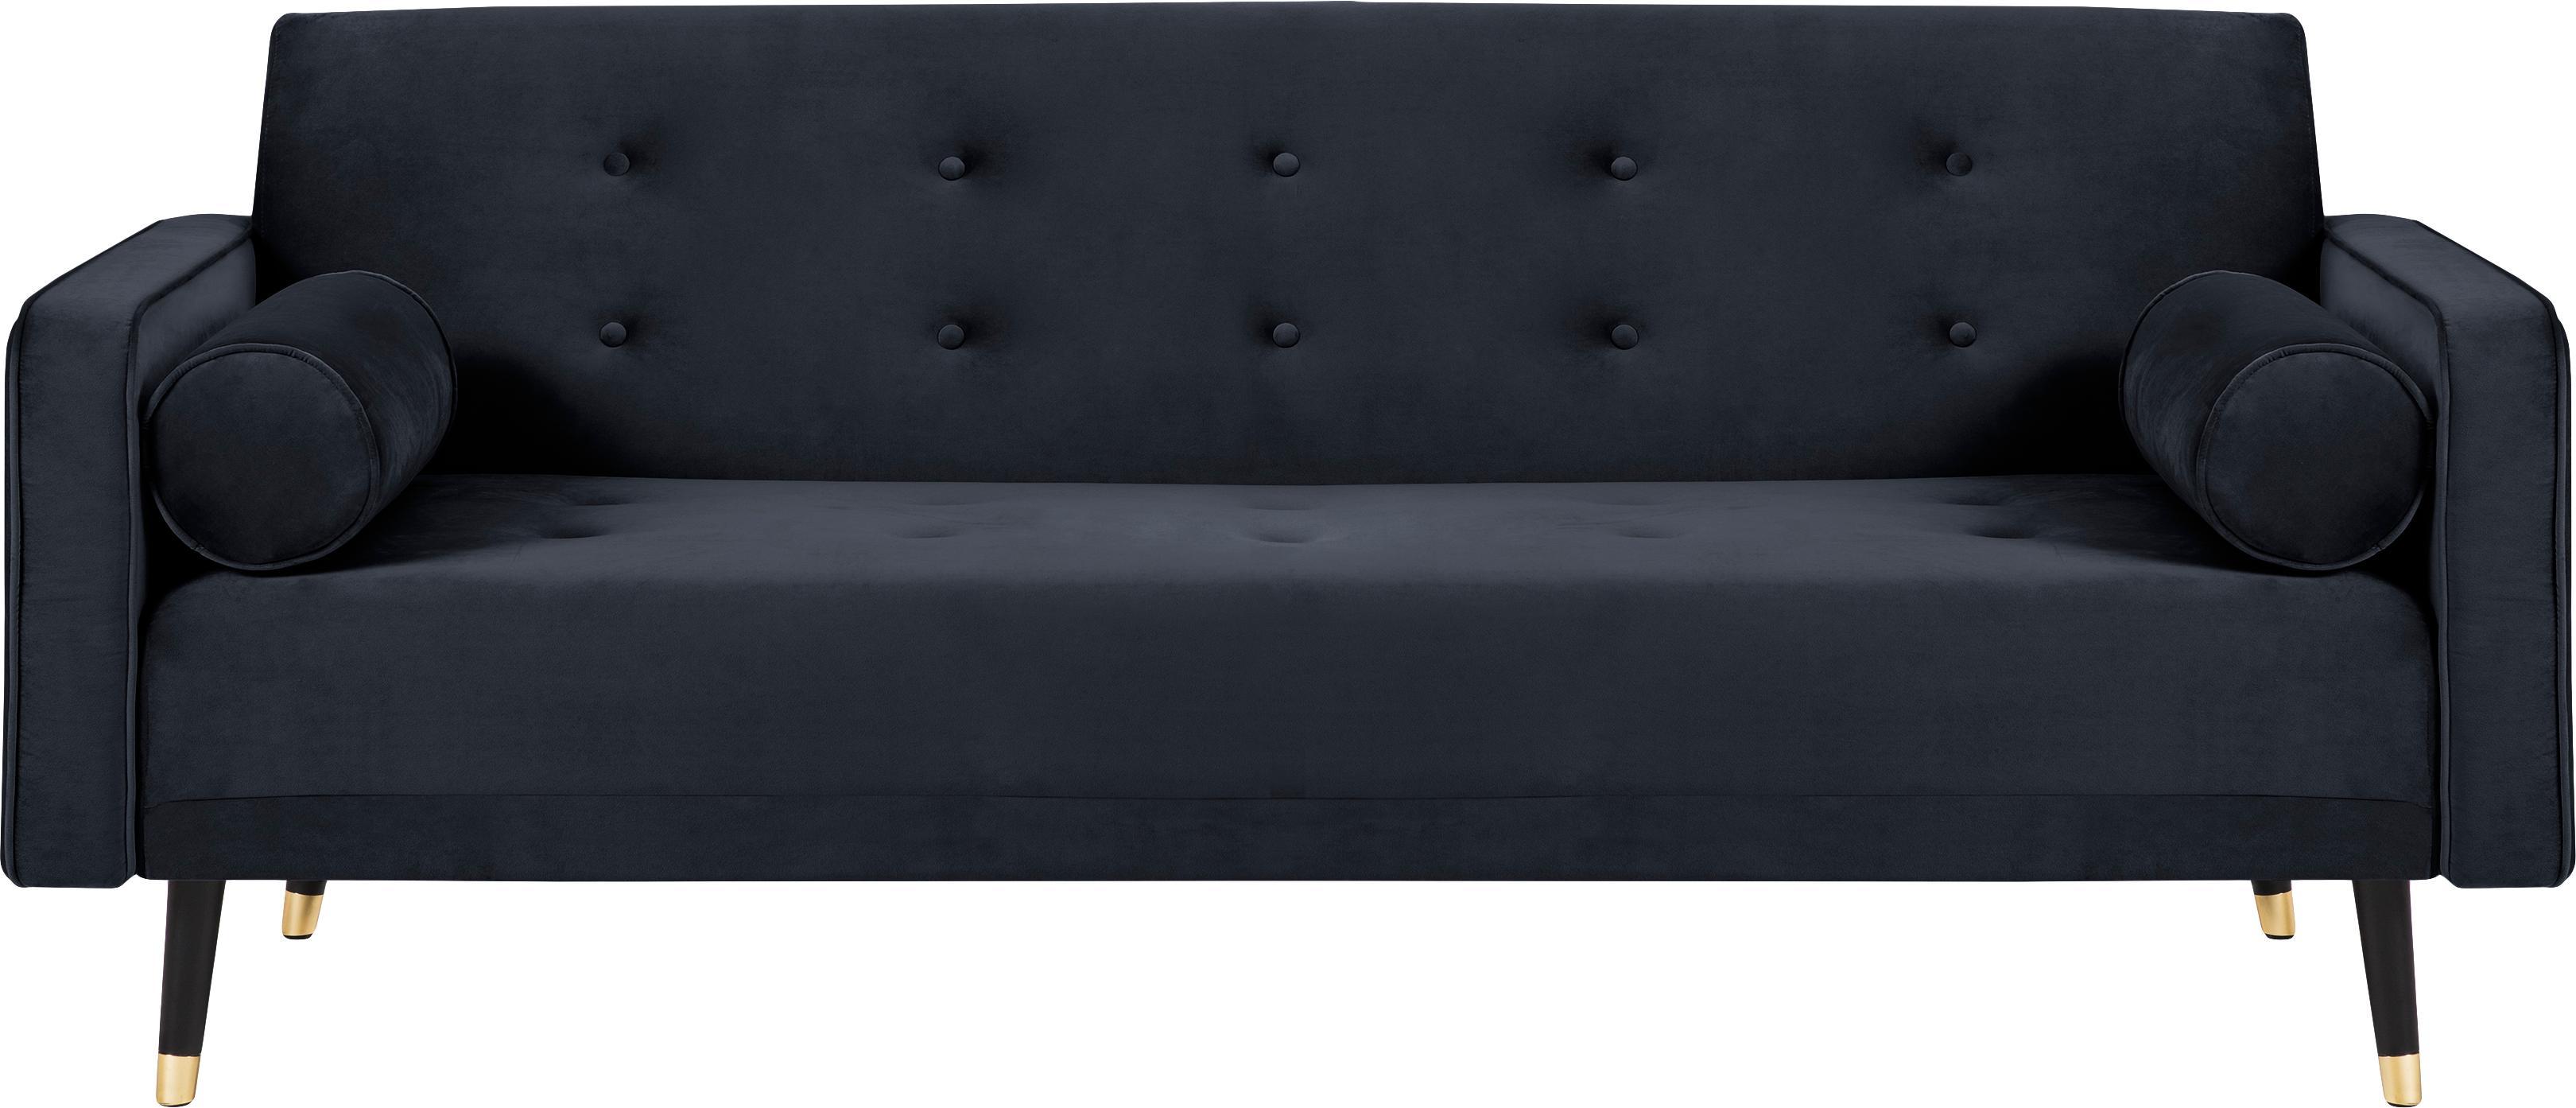 Sofa rozkładana z aksamitu Gia (3-osobowa), Tapicerka: aksamit poliestrowy, Nogi: drewno bukowe, lakierowan, Aksamitny niebieski, S 212 x G 93 cm